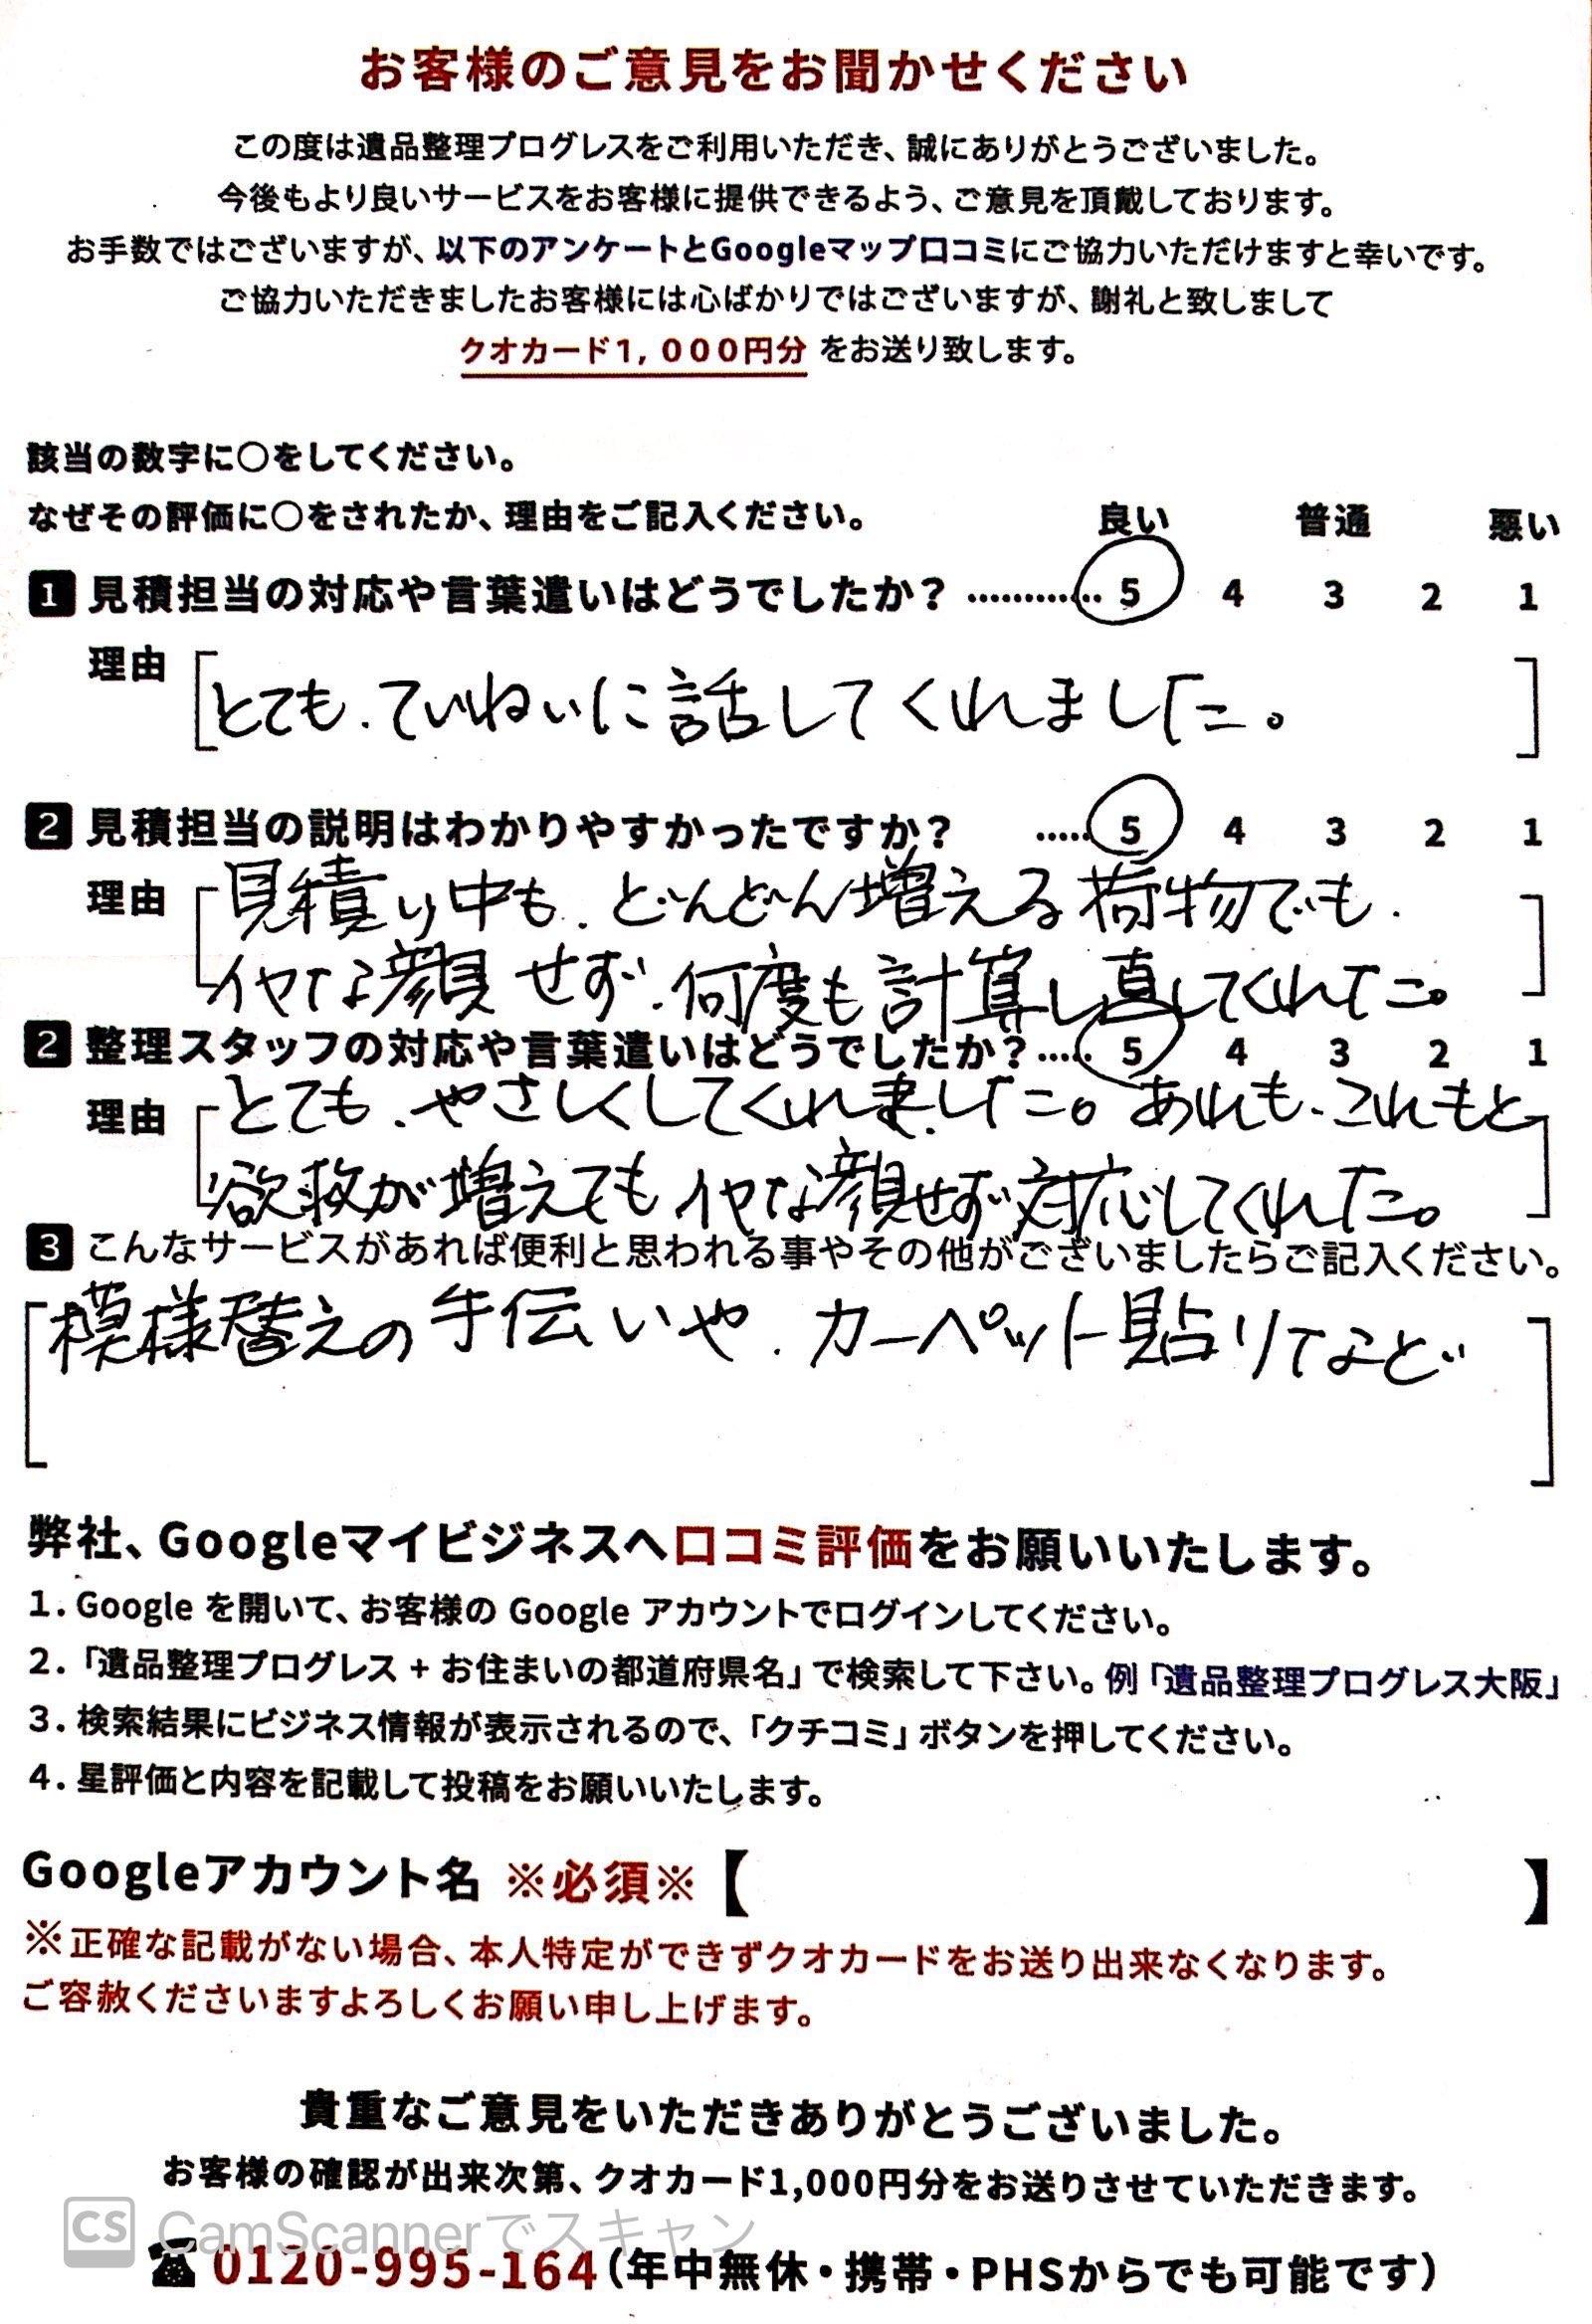 匿名 横浜支店…